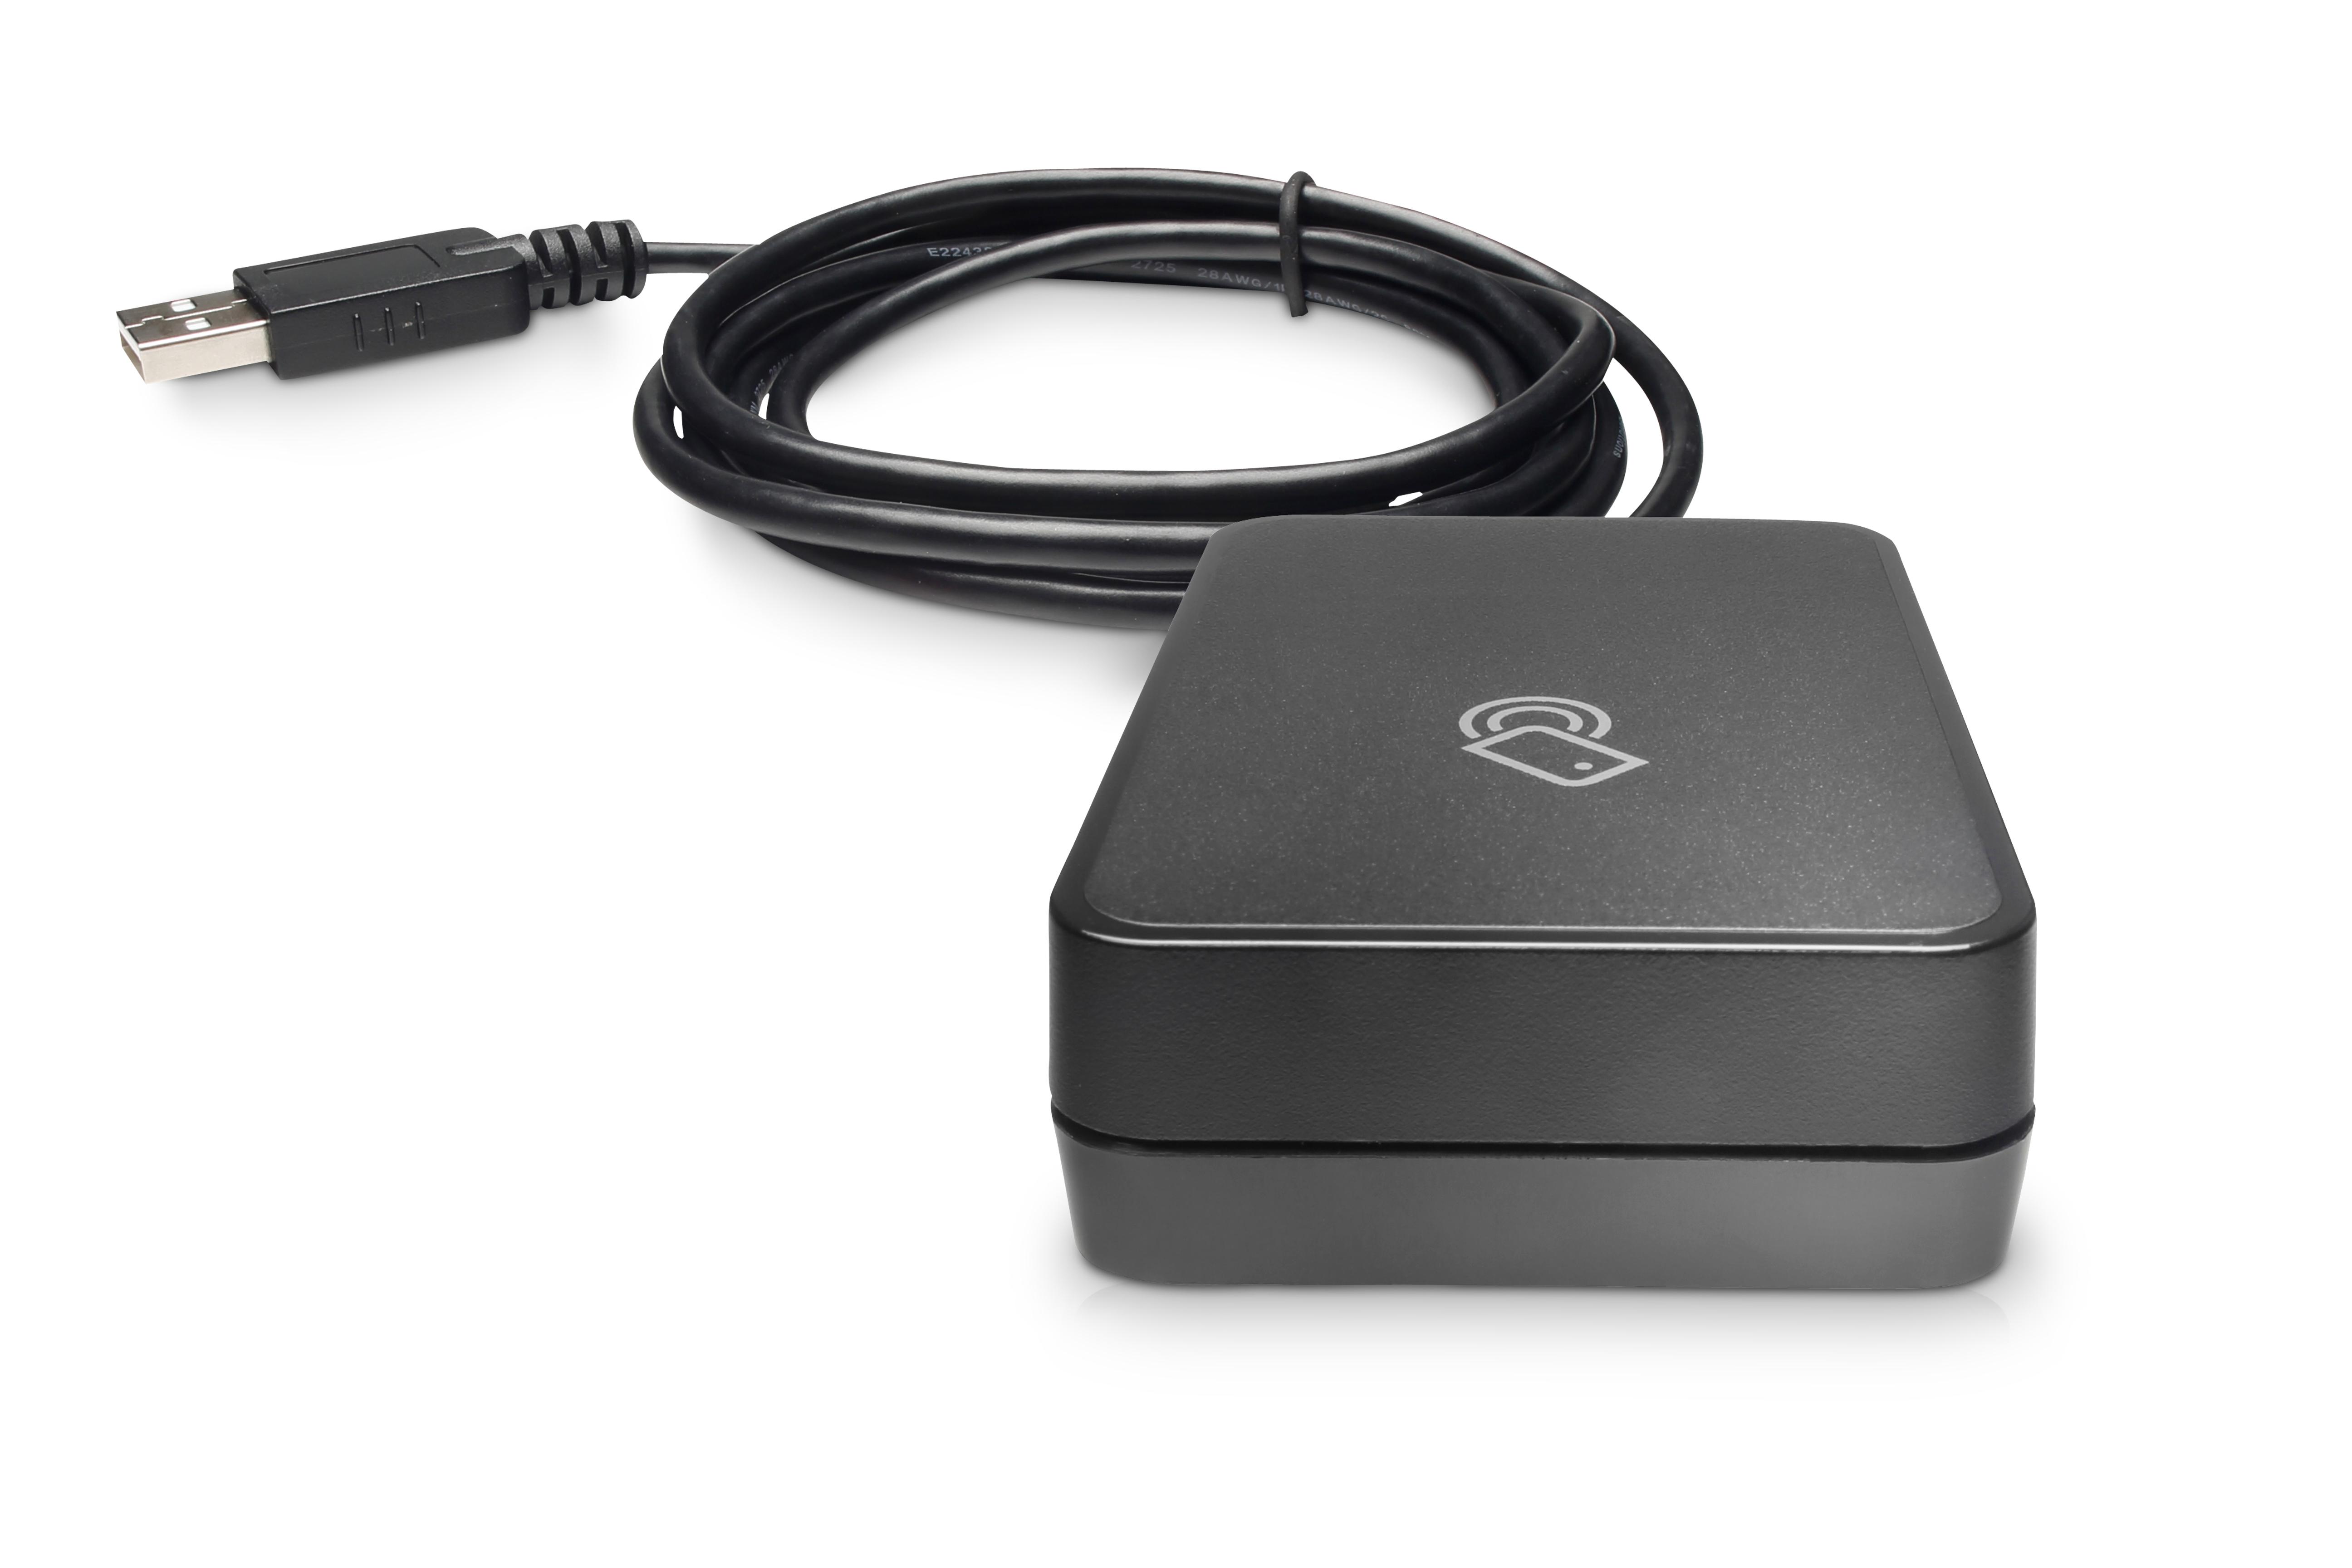 HP Jetdirect 3000w NFC/WiFi Accy